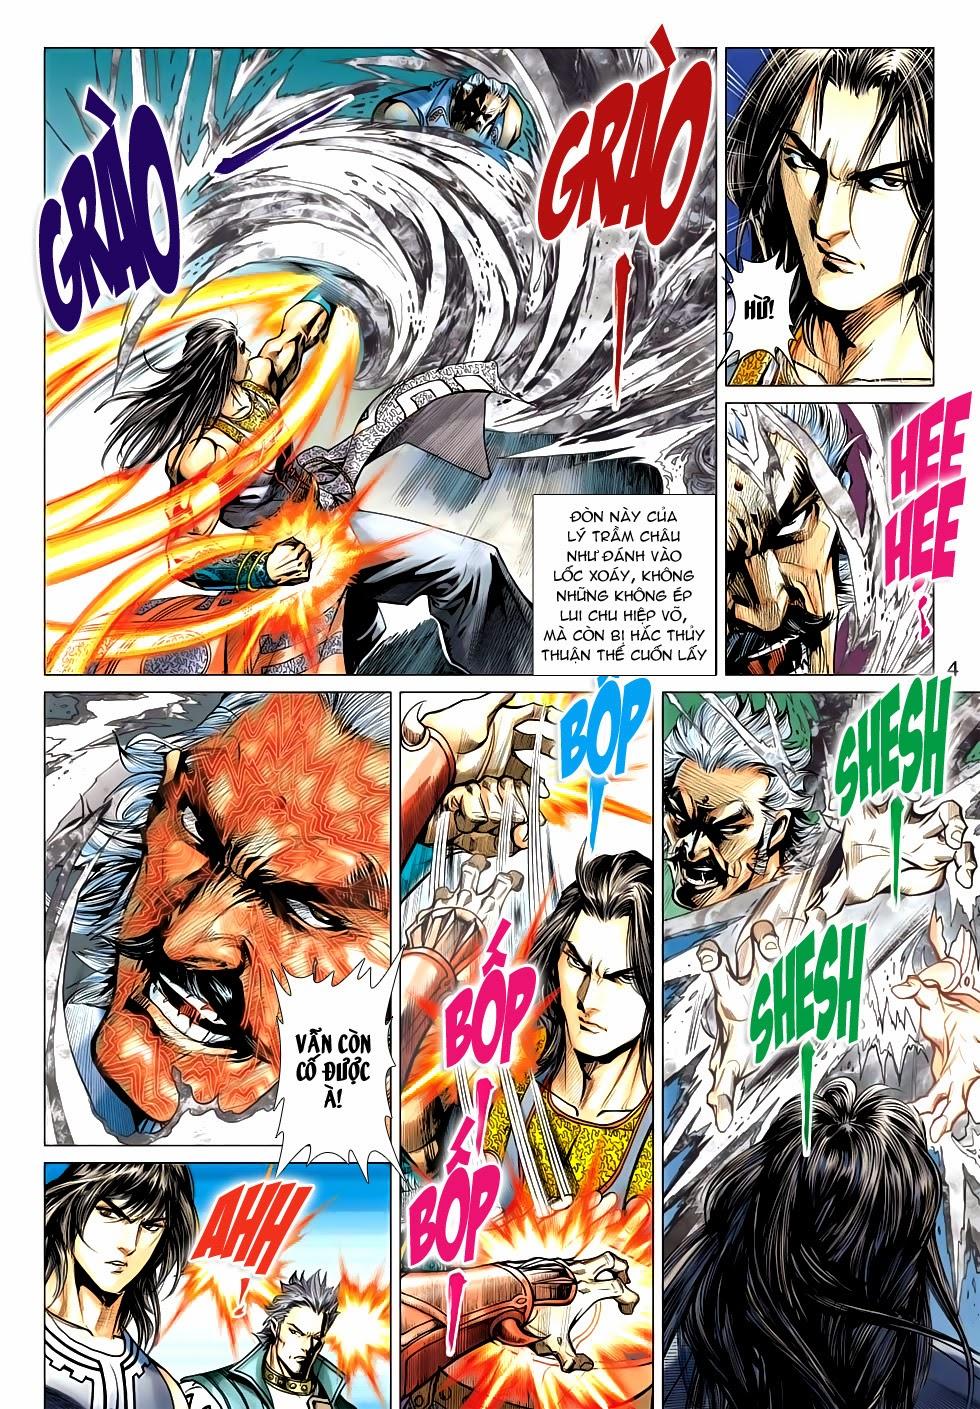 Thần Châu Kỳ Hiệp chap 32 – End Trang 4 - Mangak.info